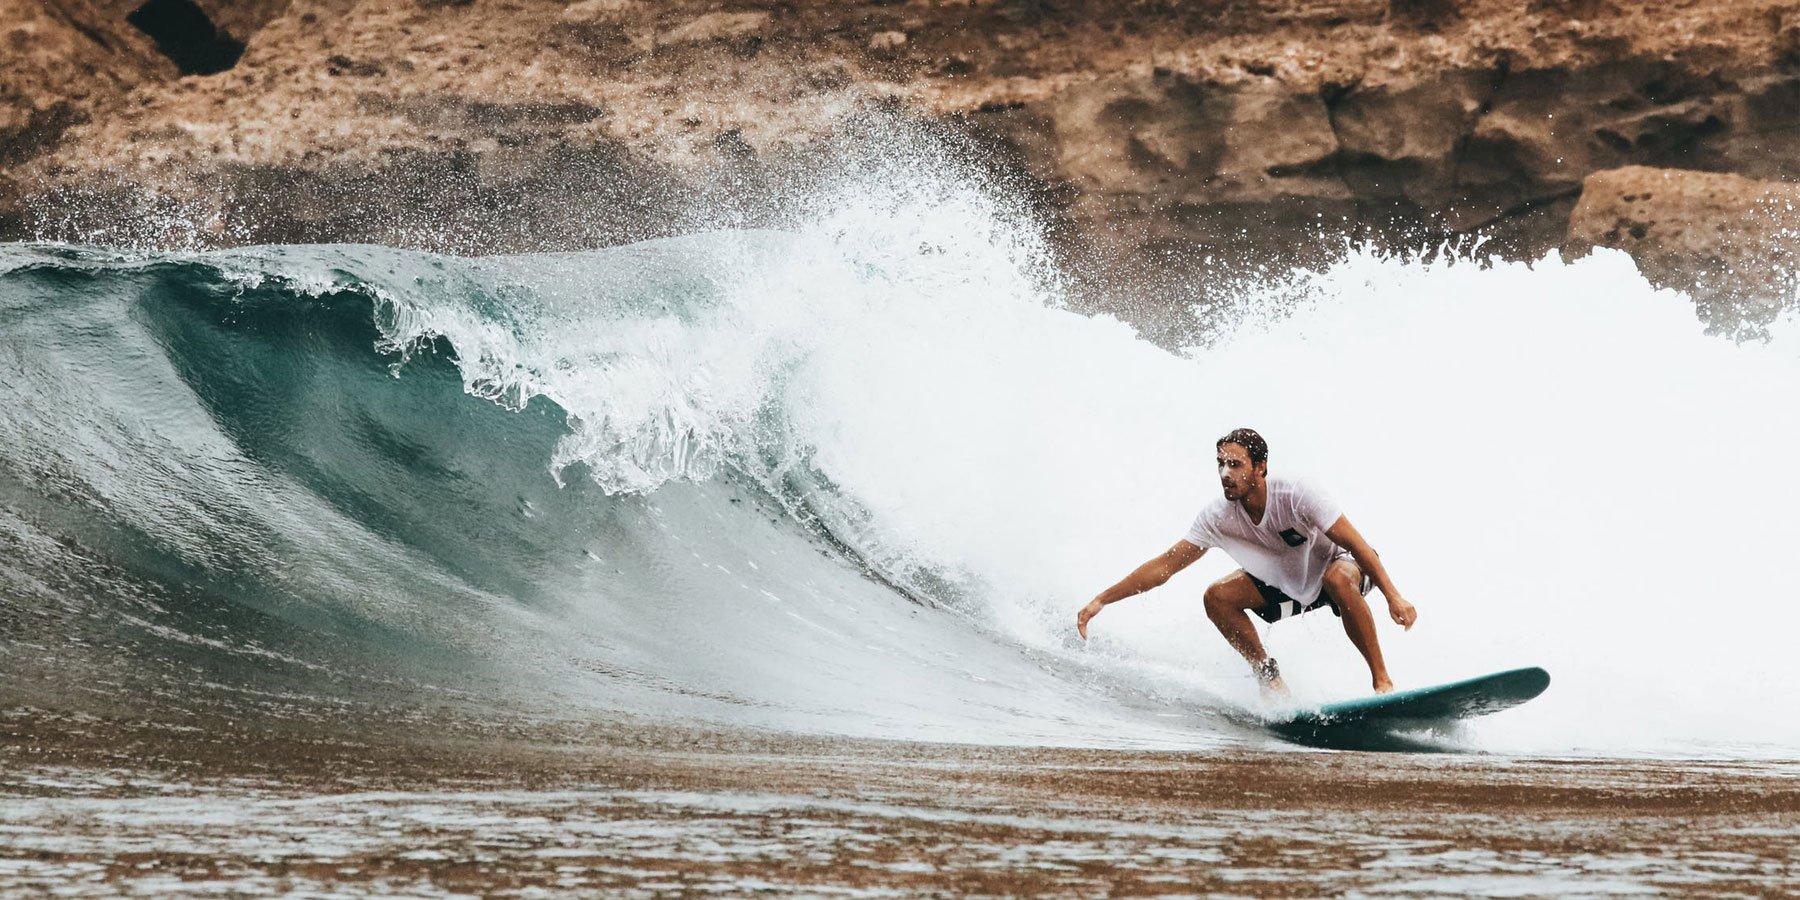 Quelle crème solaire choisir pour surfer ?